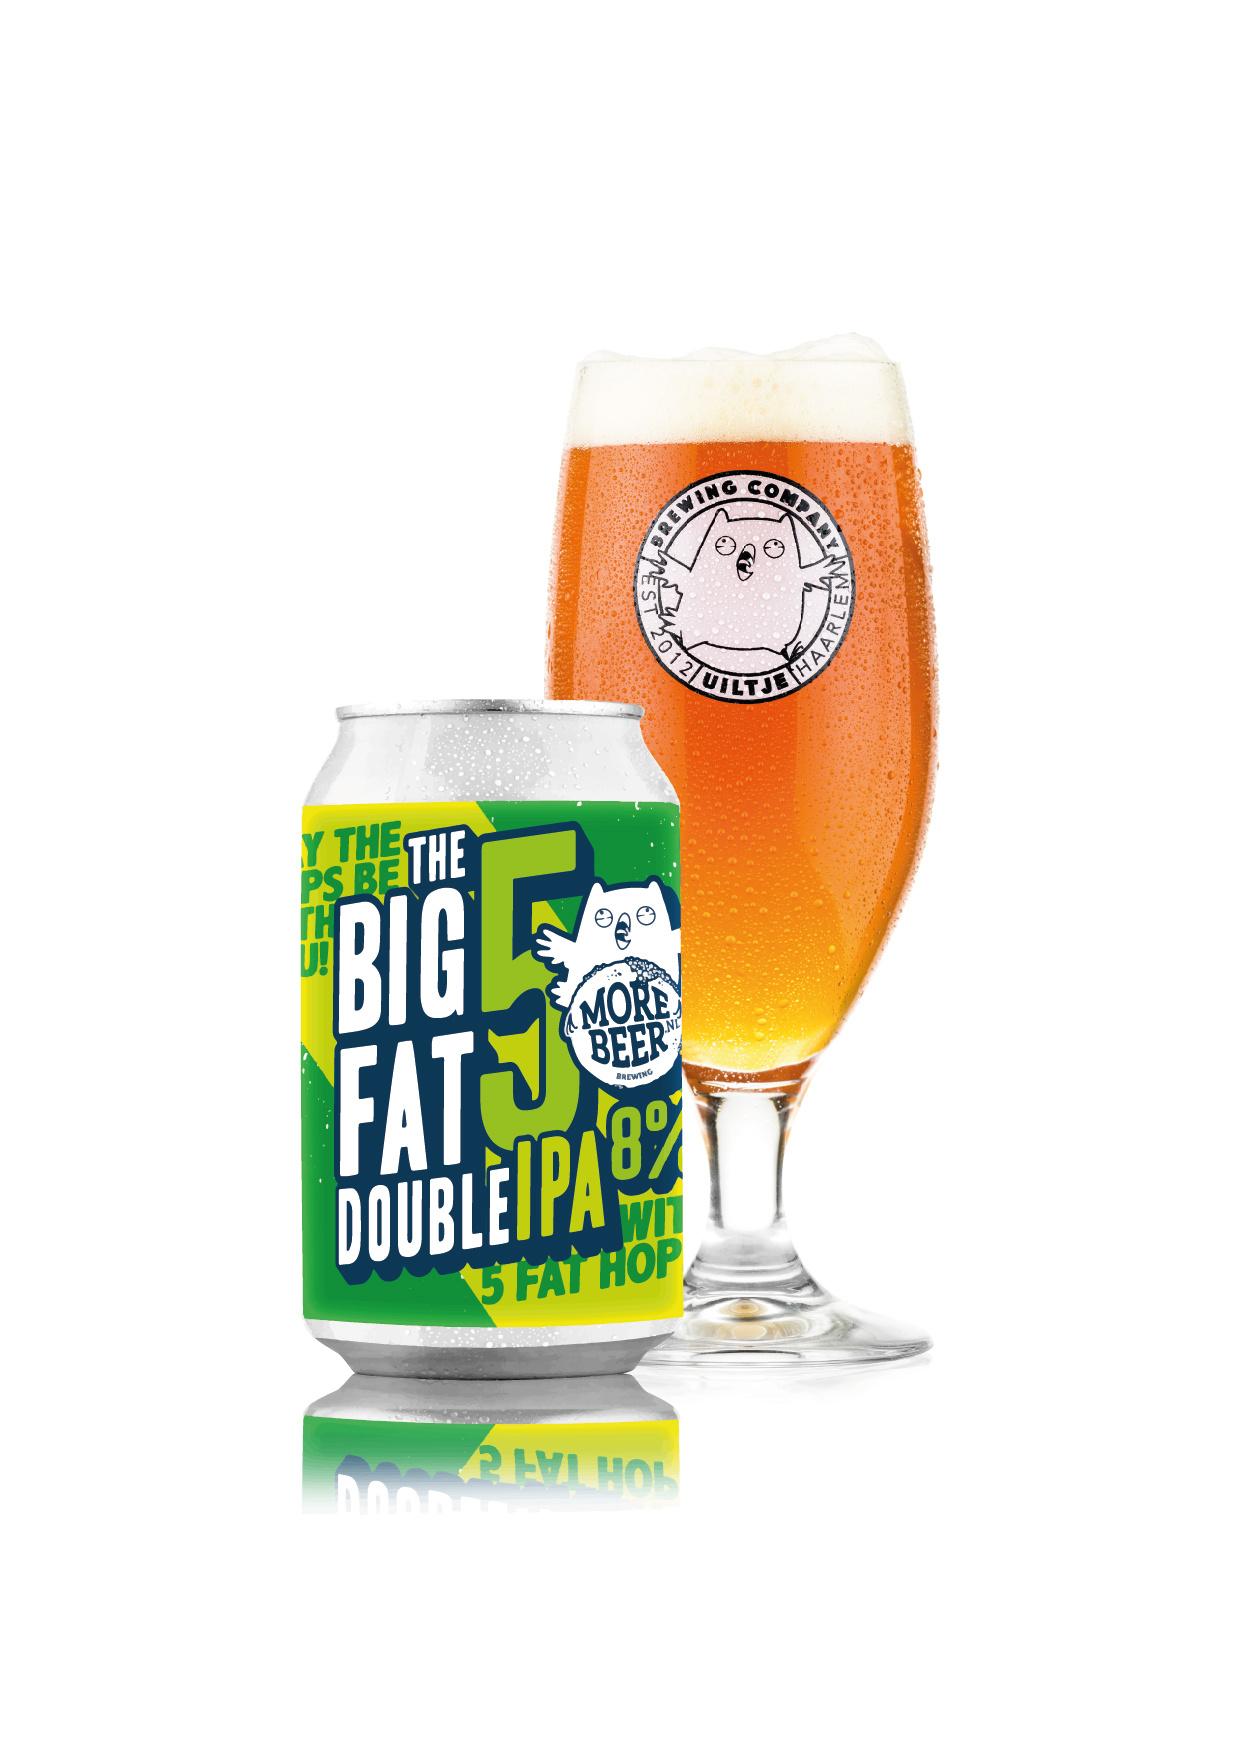 Uiltje- Big Fat 5- Blik